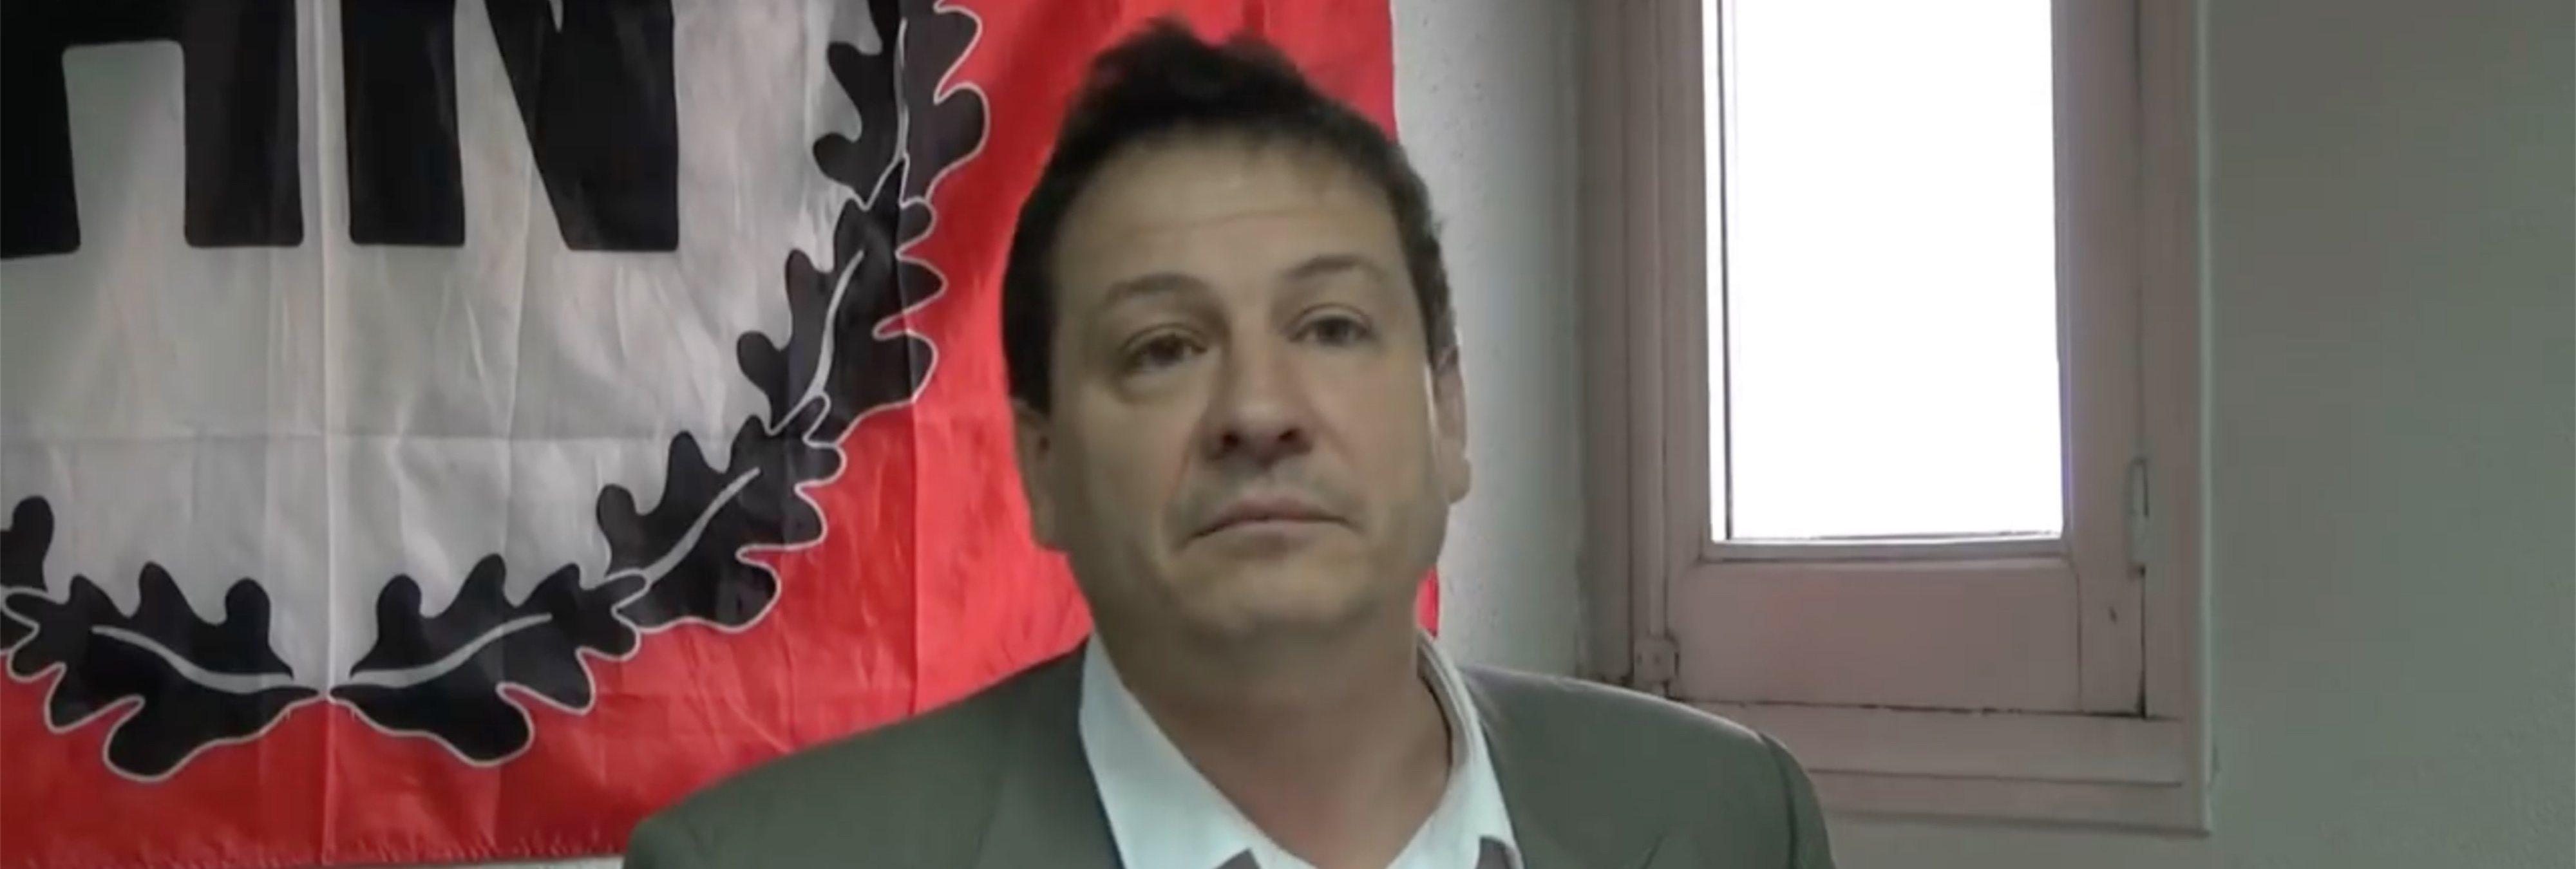 Fernando Paz, el candidato de VOX abiertamente homófobo que niega el Holocausto nazi